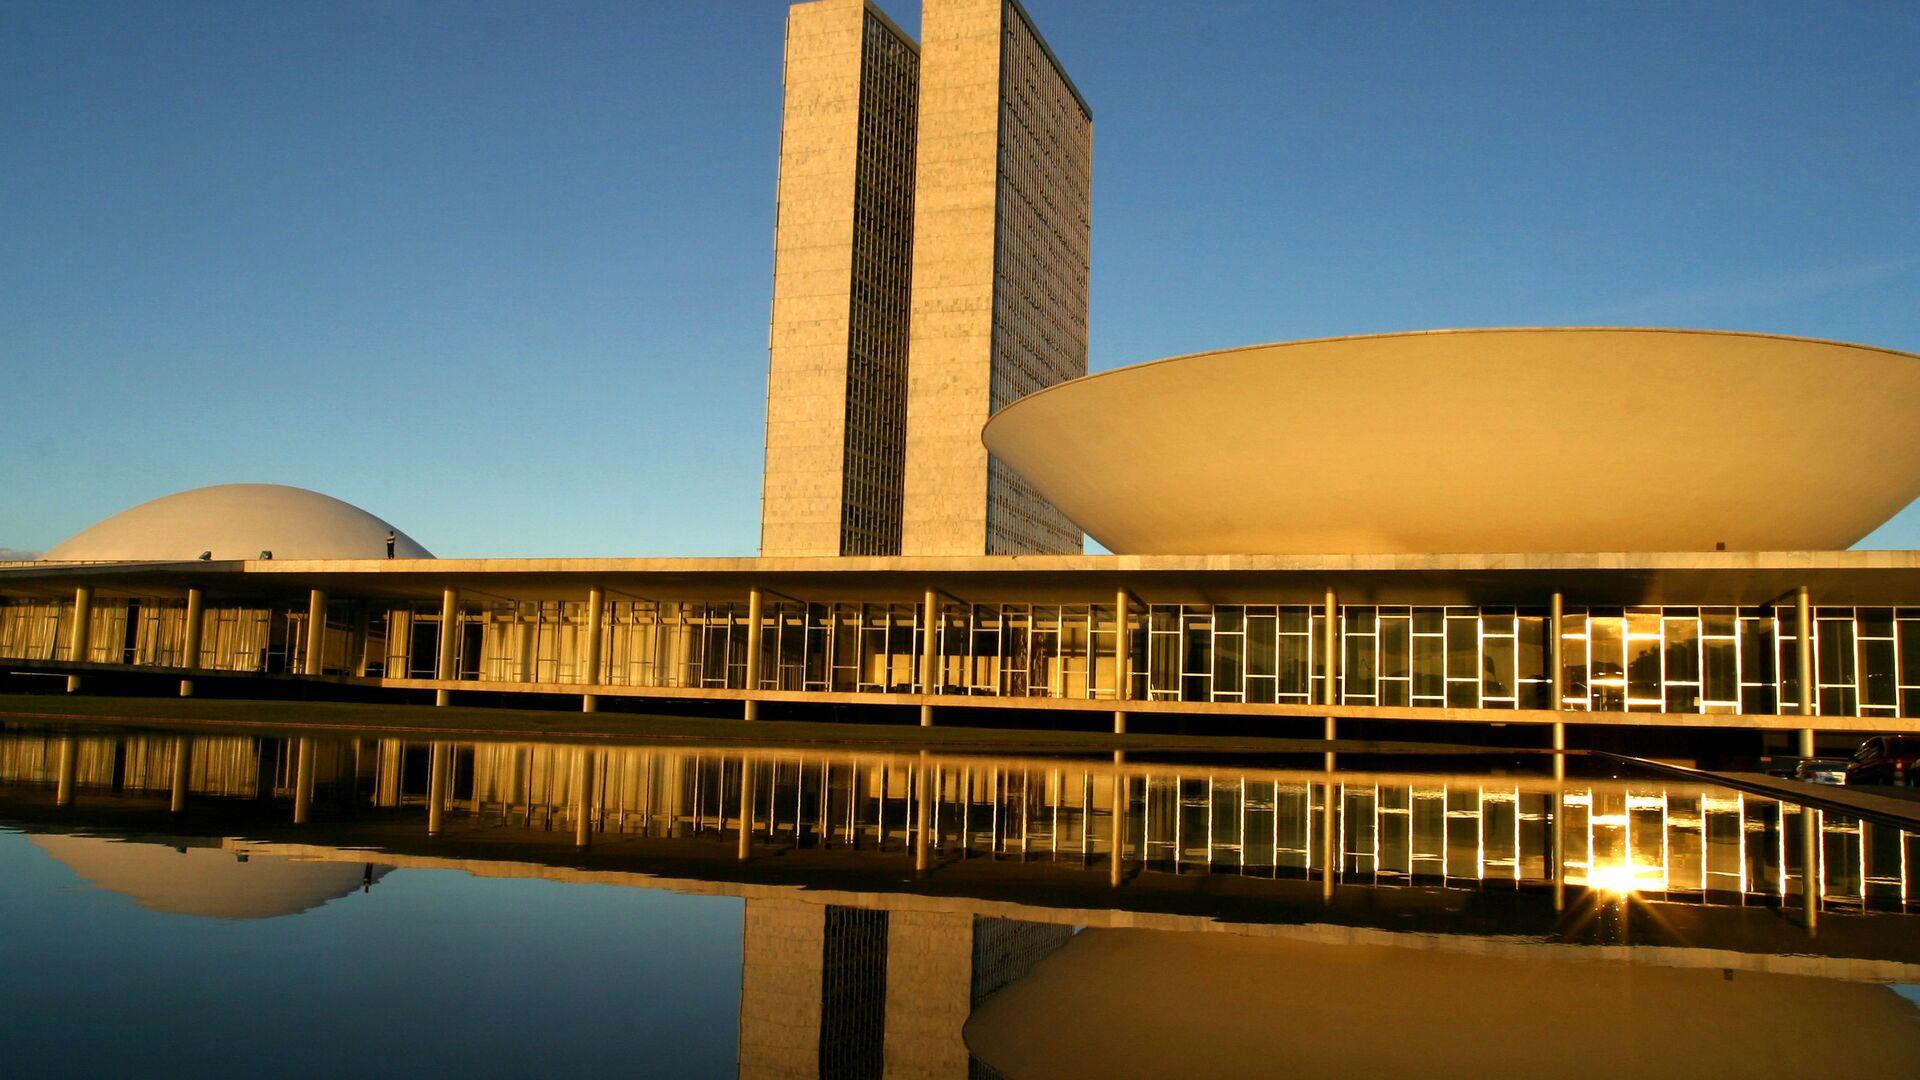 El congreso nacional, en Brasilia, la capital de Brasil - Sputnik Mundo, 1920, 30.03.2021